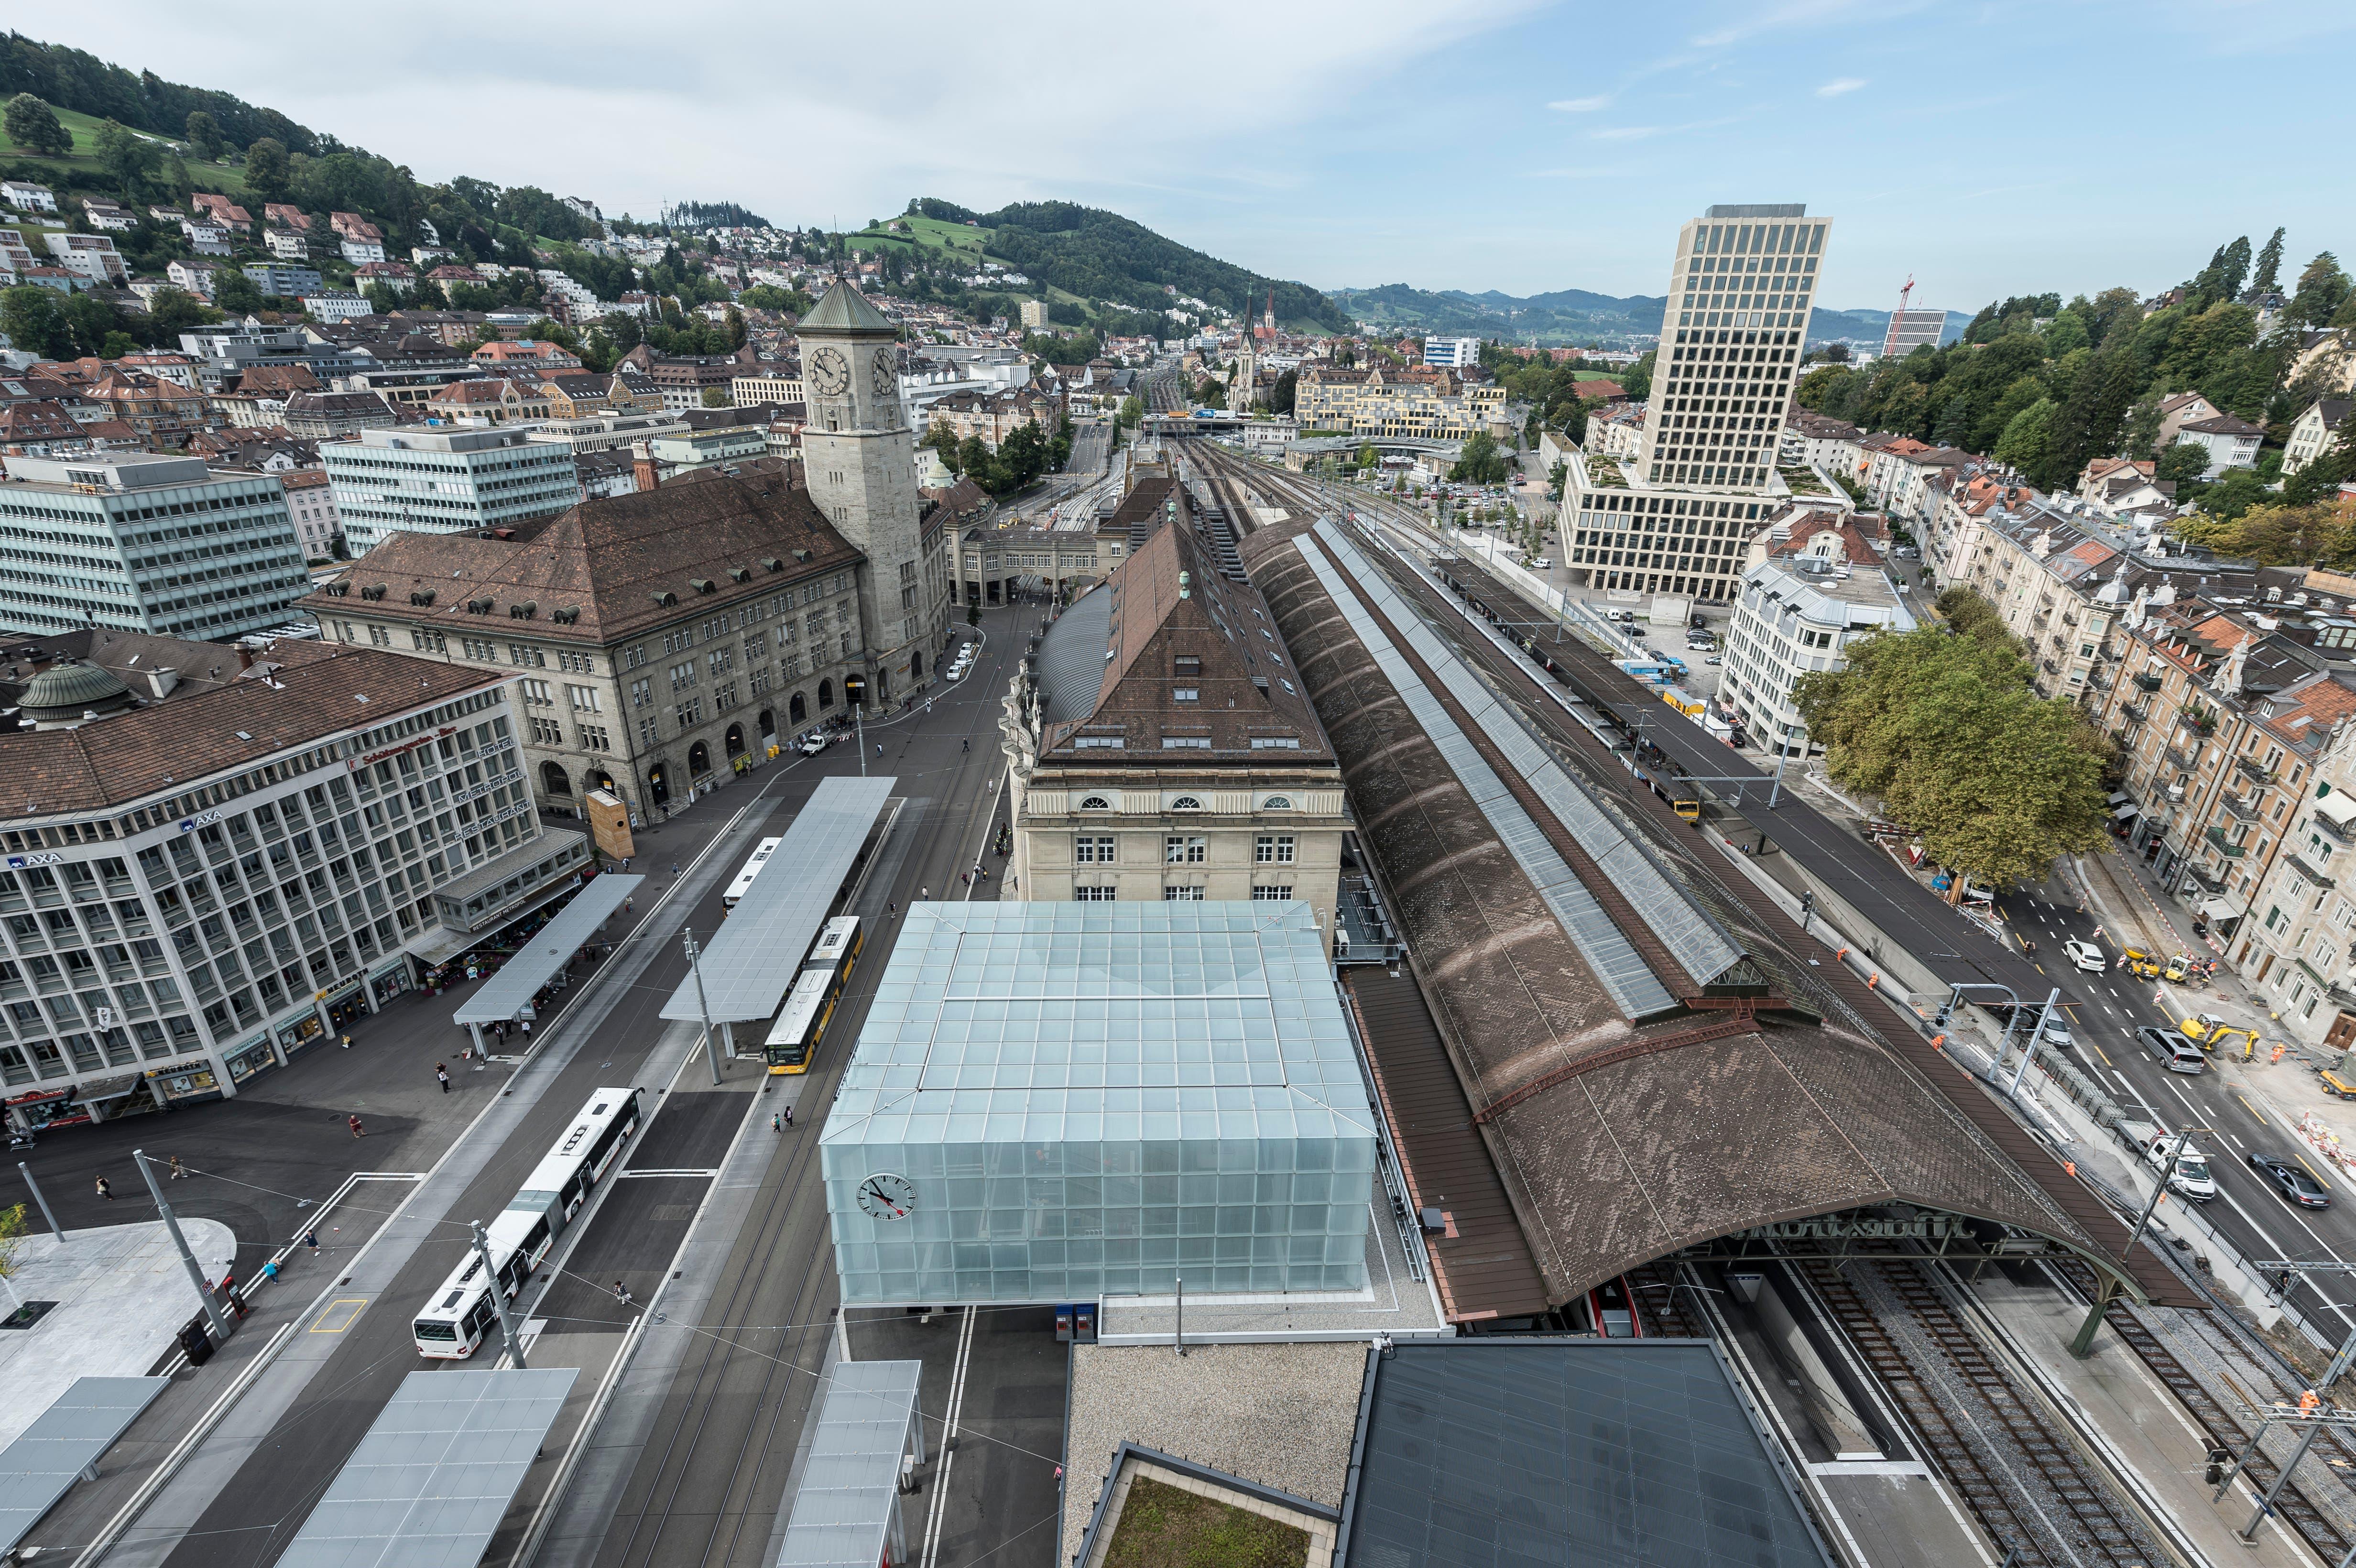 Blick Richtung Westen über die neue Ankunftshalle und das Bahnhofsgebäude. Rechts hinter dem Bahnhof das Hochhaus der Fachschule St.Gallen (FHS). (Bild: Hanspeter Schiess - 29. August 2018)